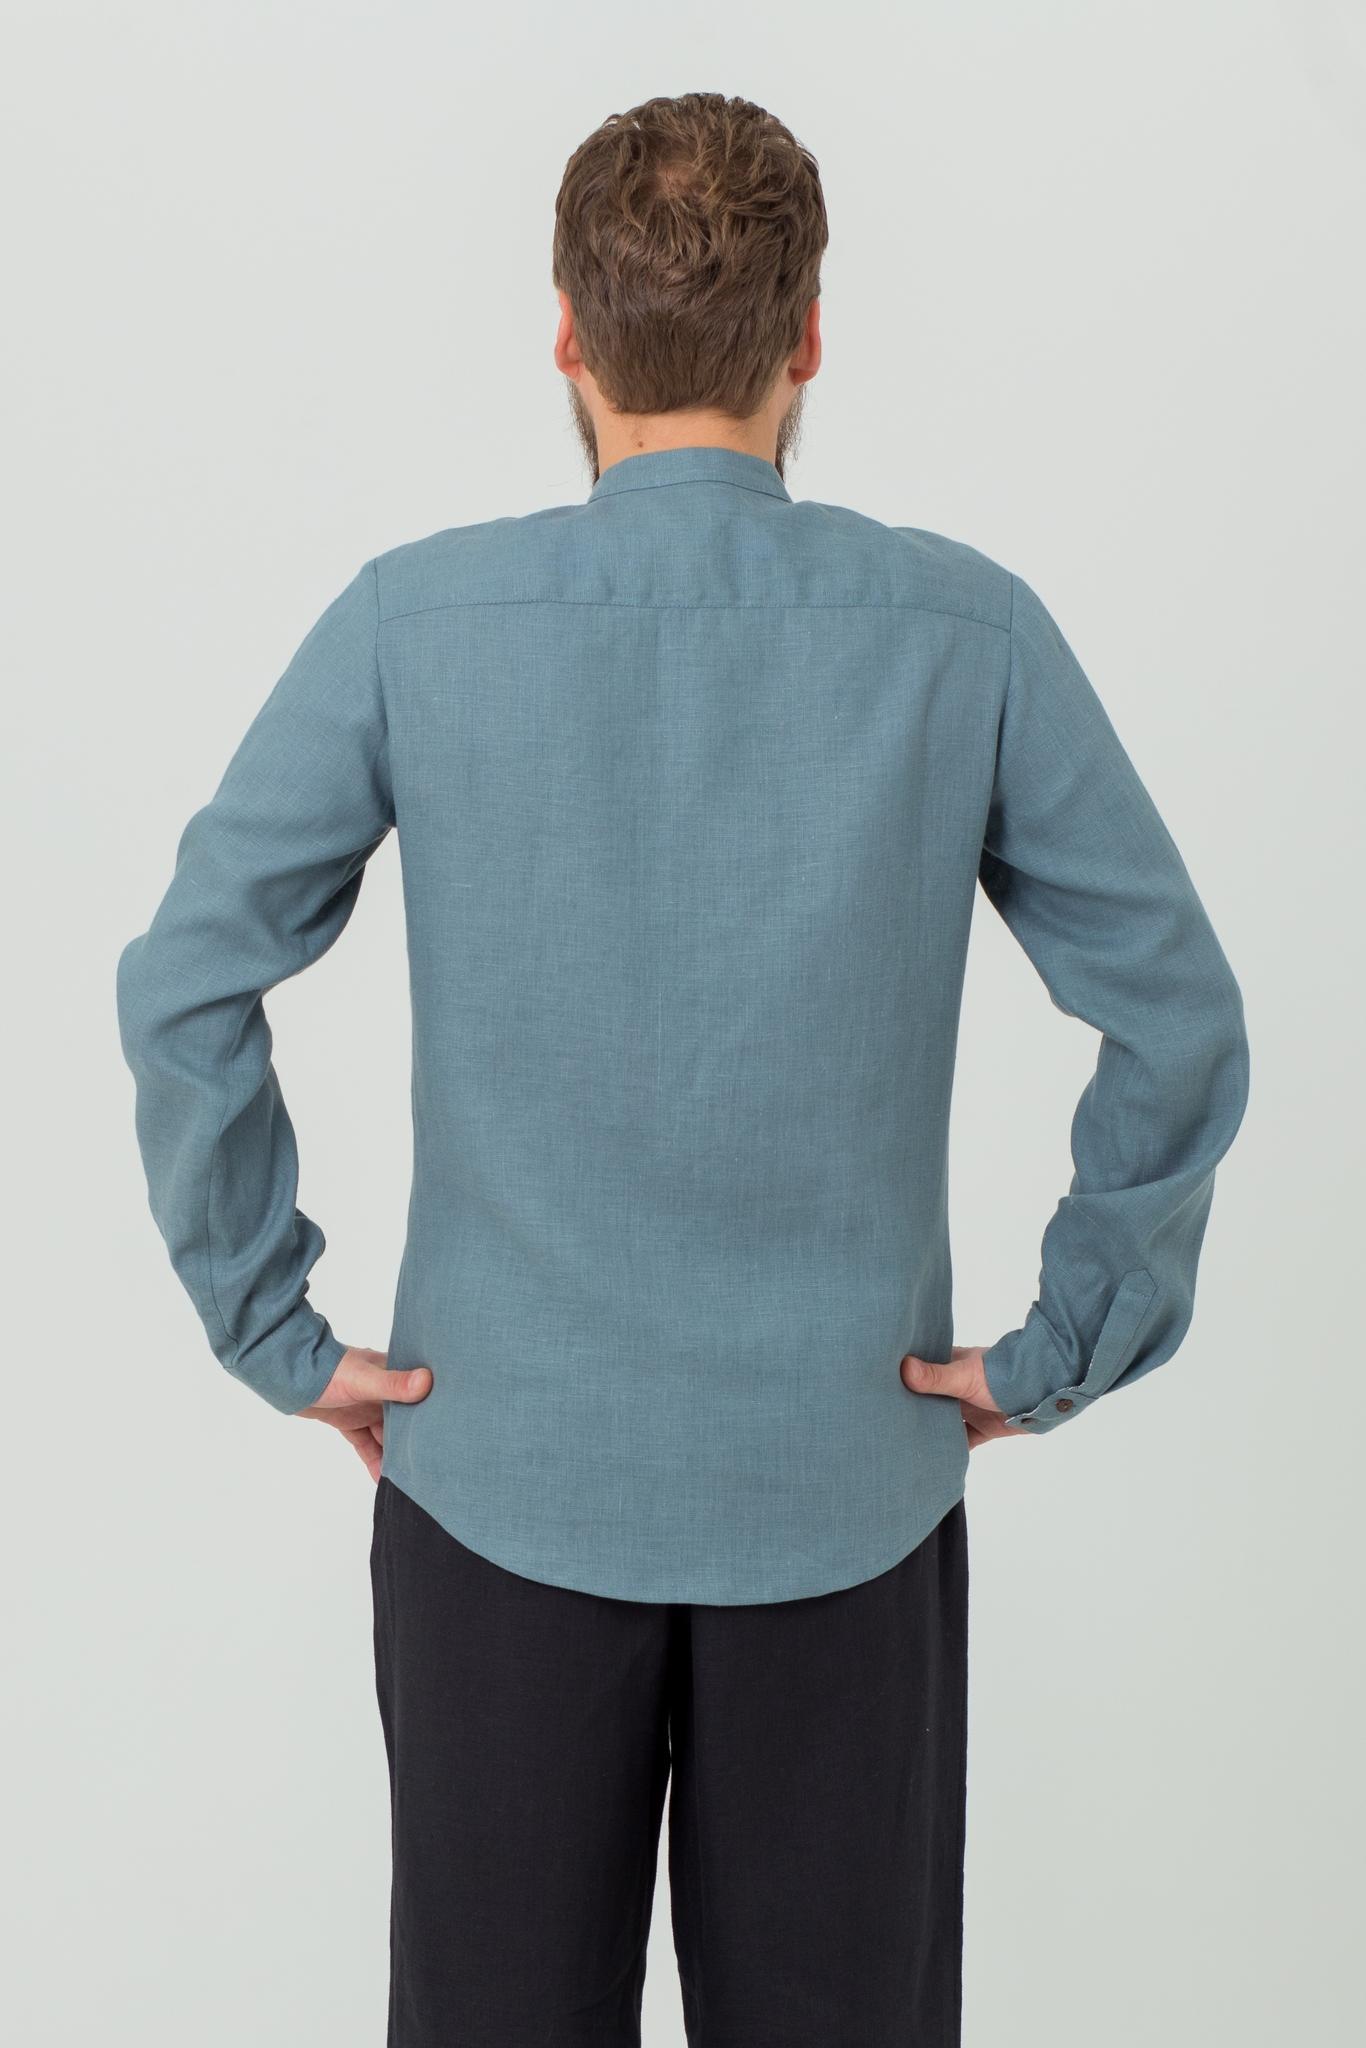 Купить современную льняную косоворотку Славная